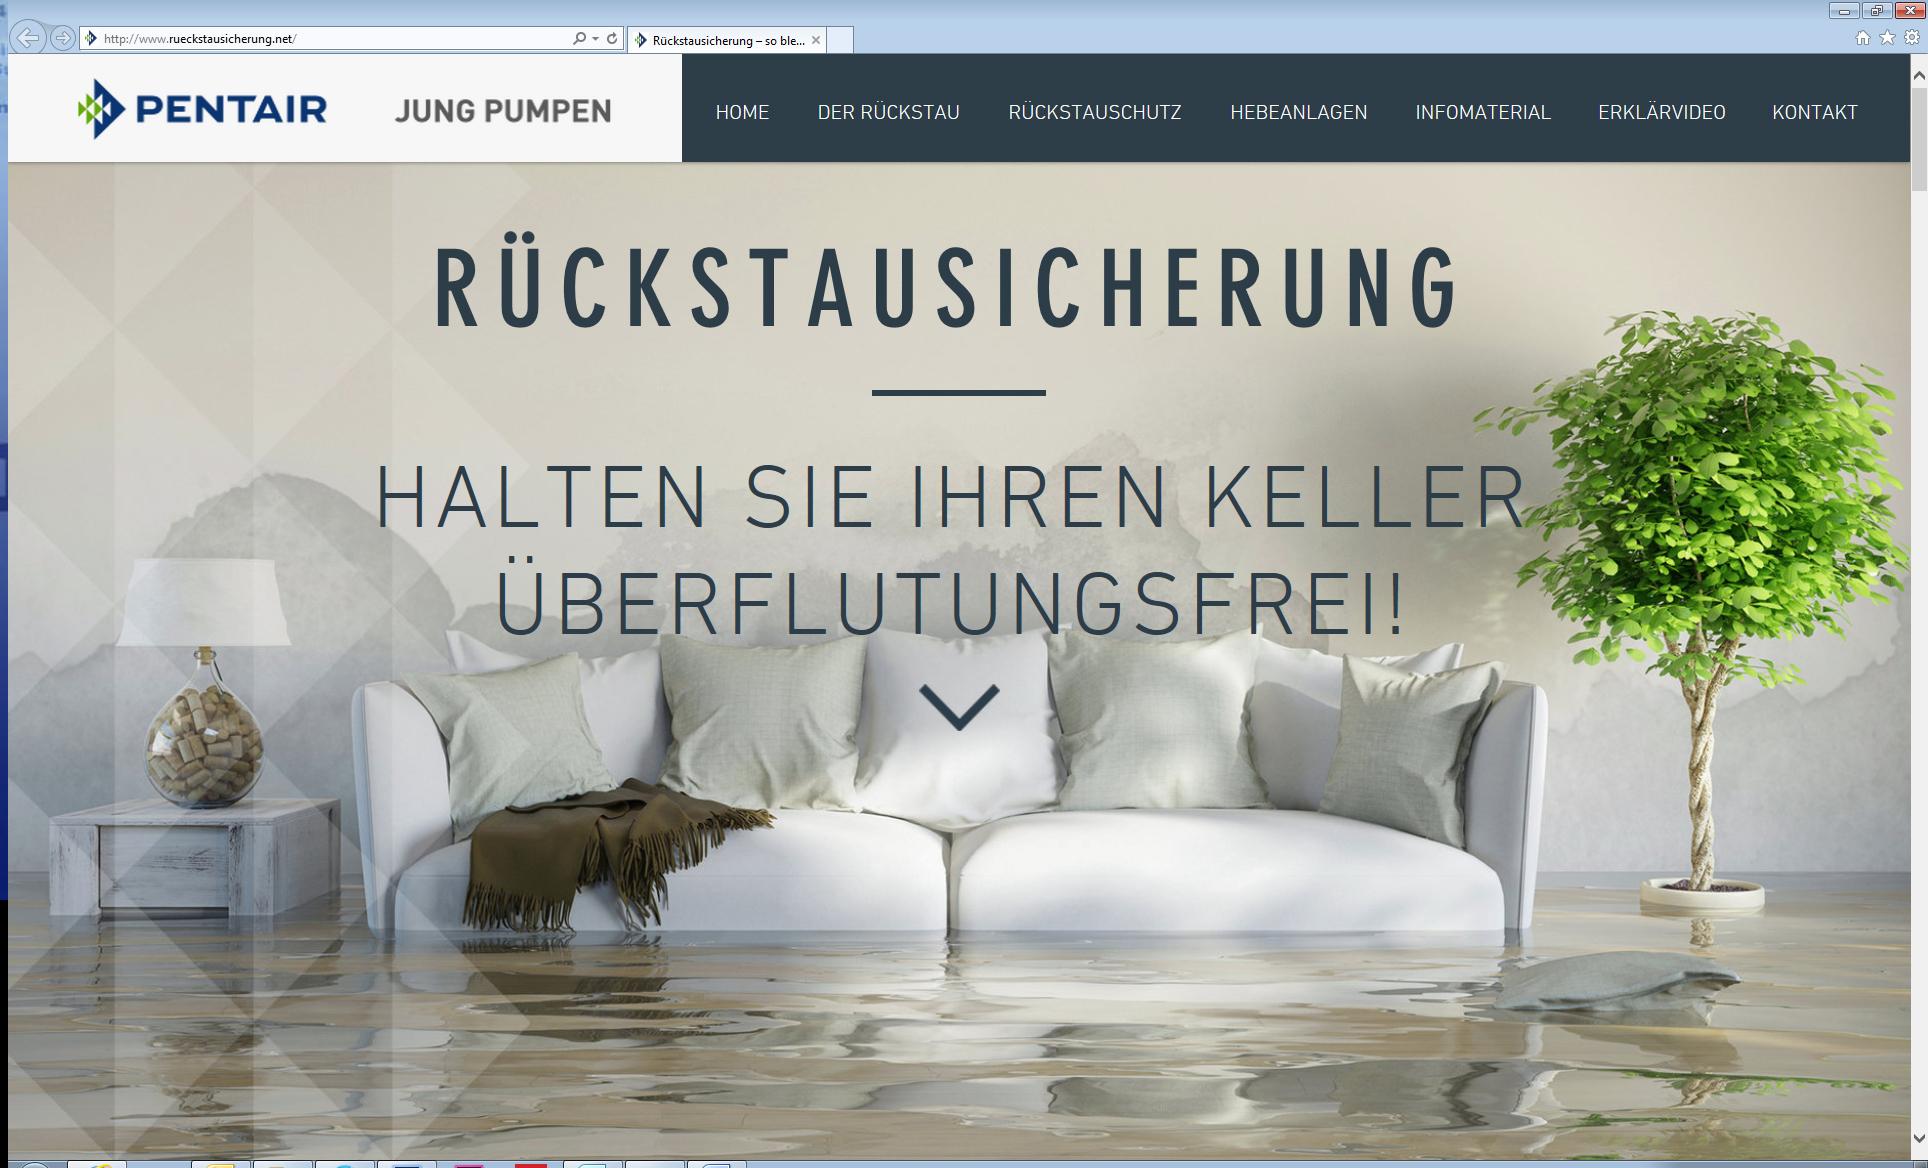 SHK Profi | THEMEN | Sanitär & Wasser | Unternehmen & Markt ...